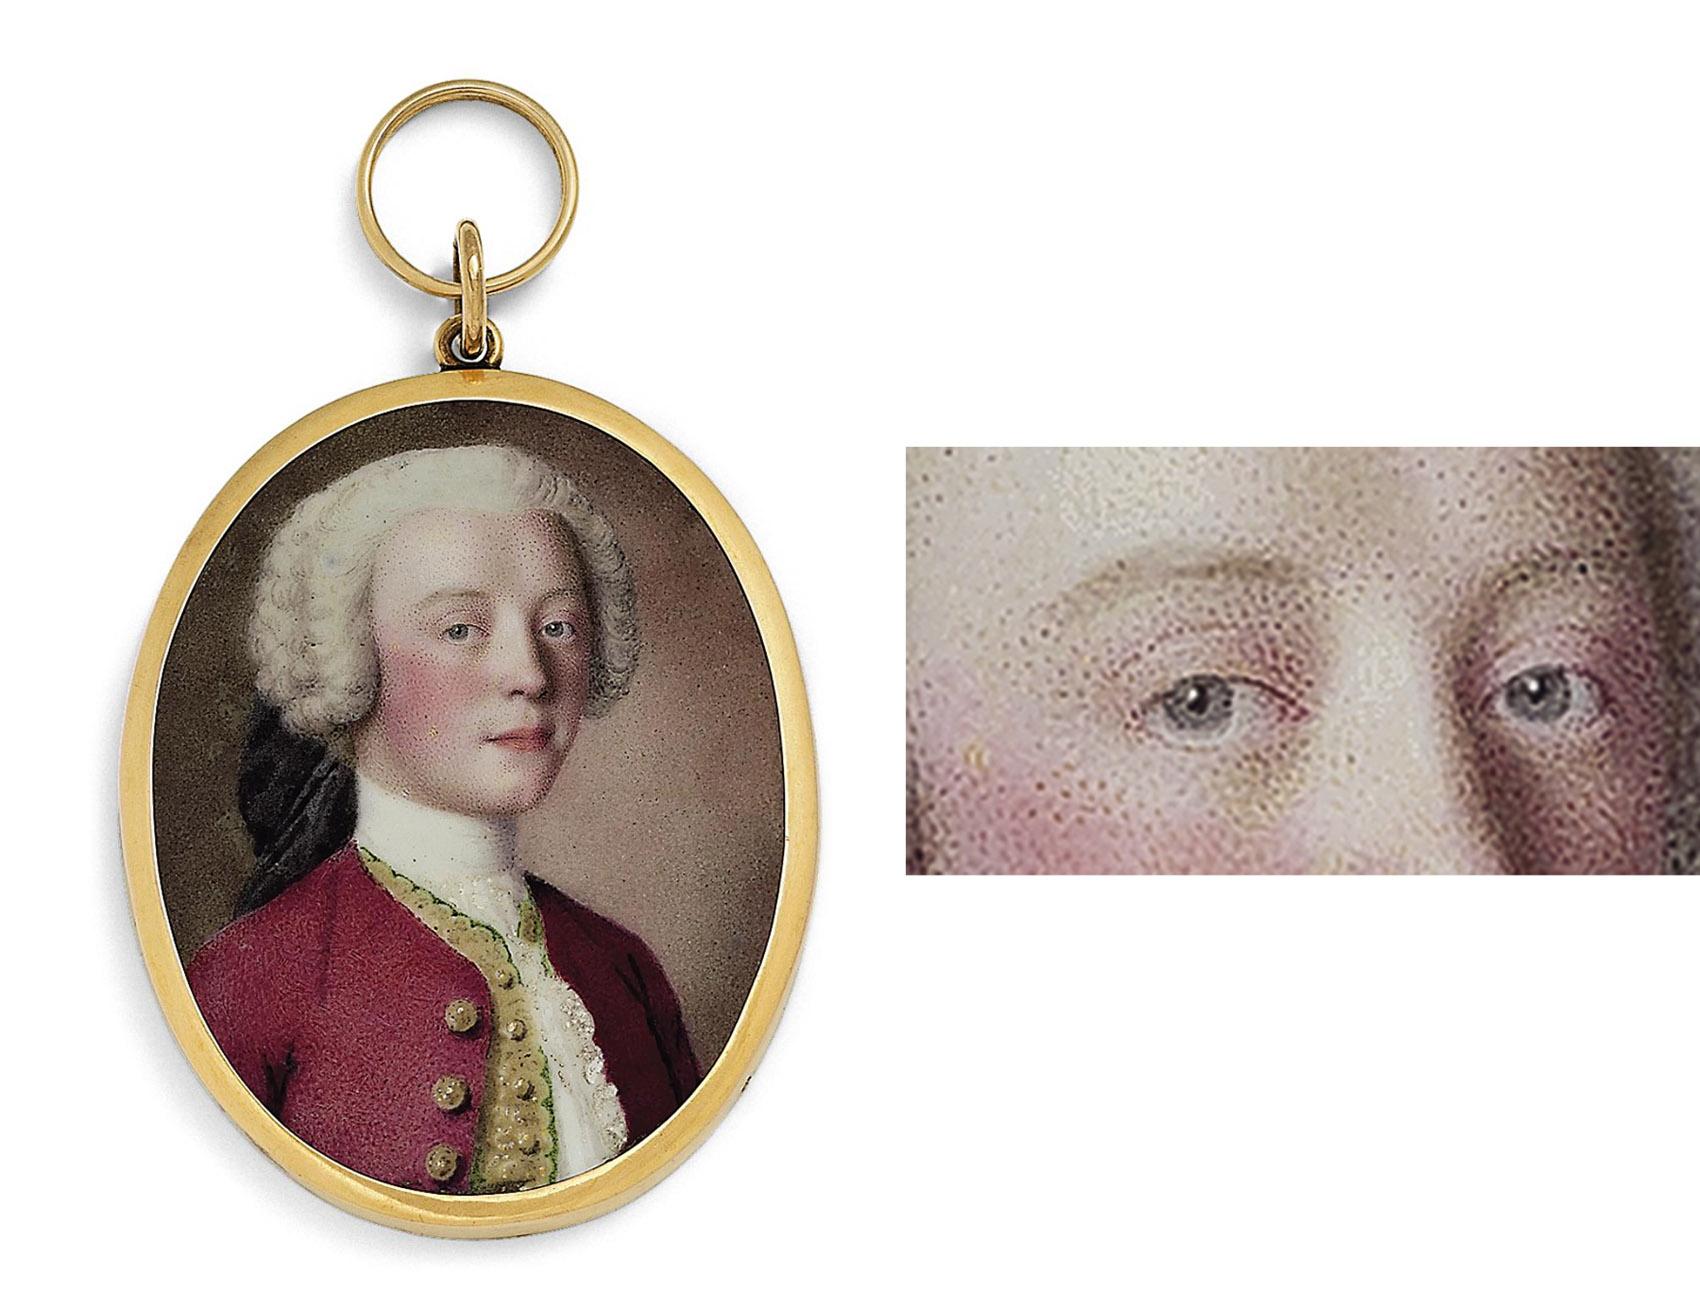 JEAN-ETIENNE LIOTARD (SWISS, 1702-1789)